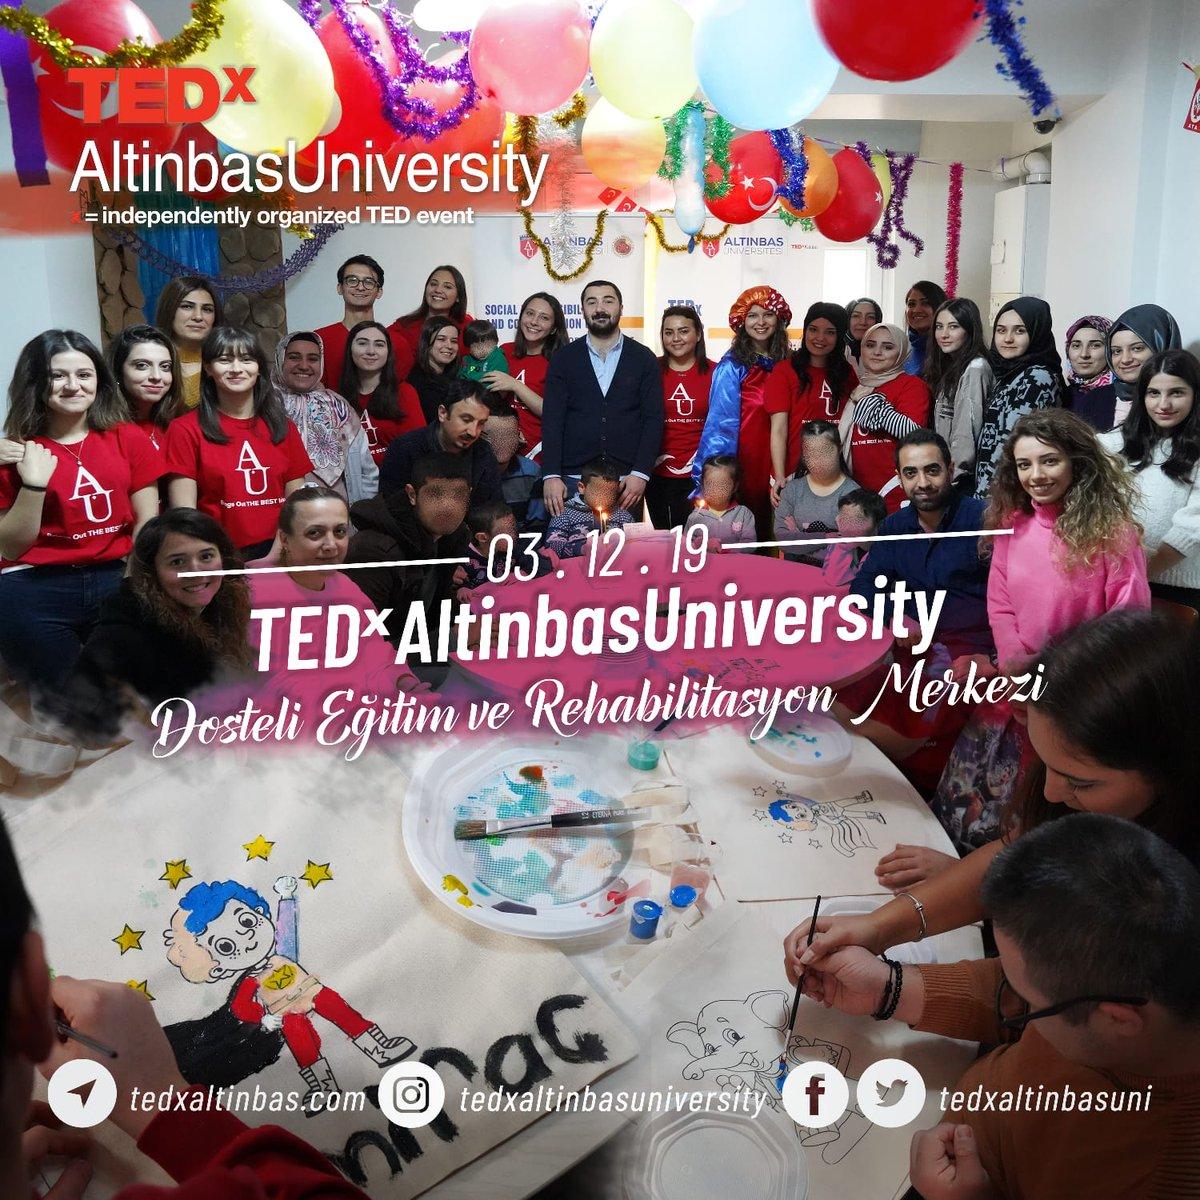 3 Aralık Dünya Engelliler Gününde TEDxAltinbasUniversity olarak @altinbasssoy  ile birlikte Dosteli Eğitim ve Rehabilitasyon Merkezindeydik.